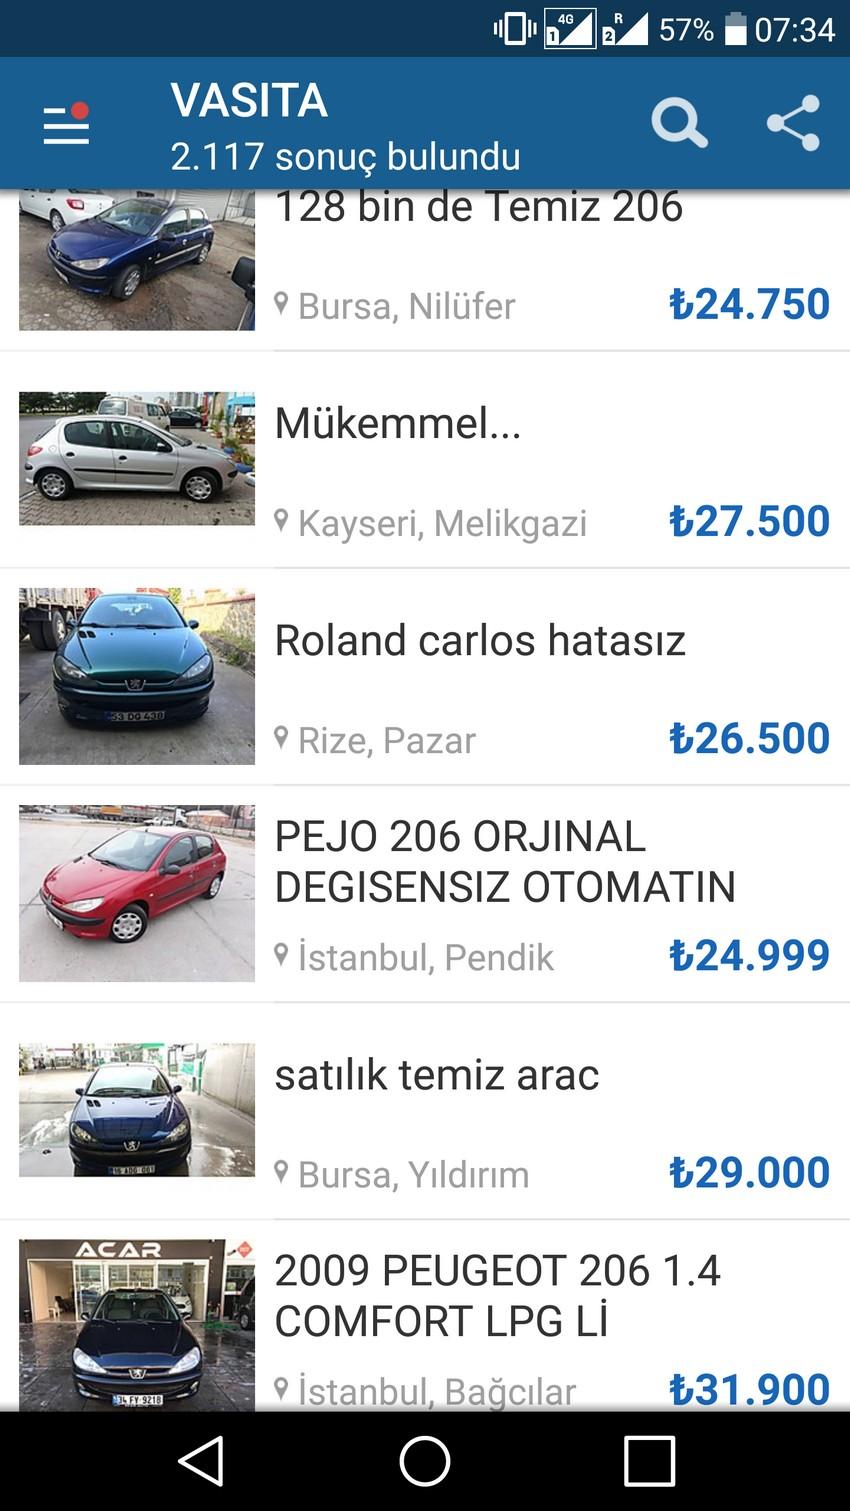 قیمت پژو ۲۰۶ صندوقدار در مراکش و ترکیه چقدر است؟